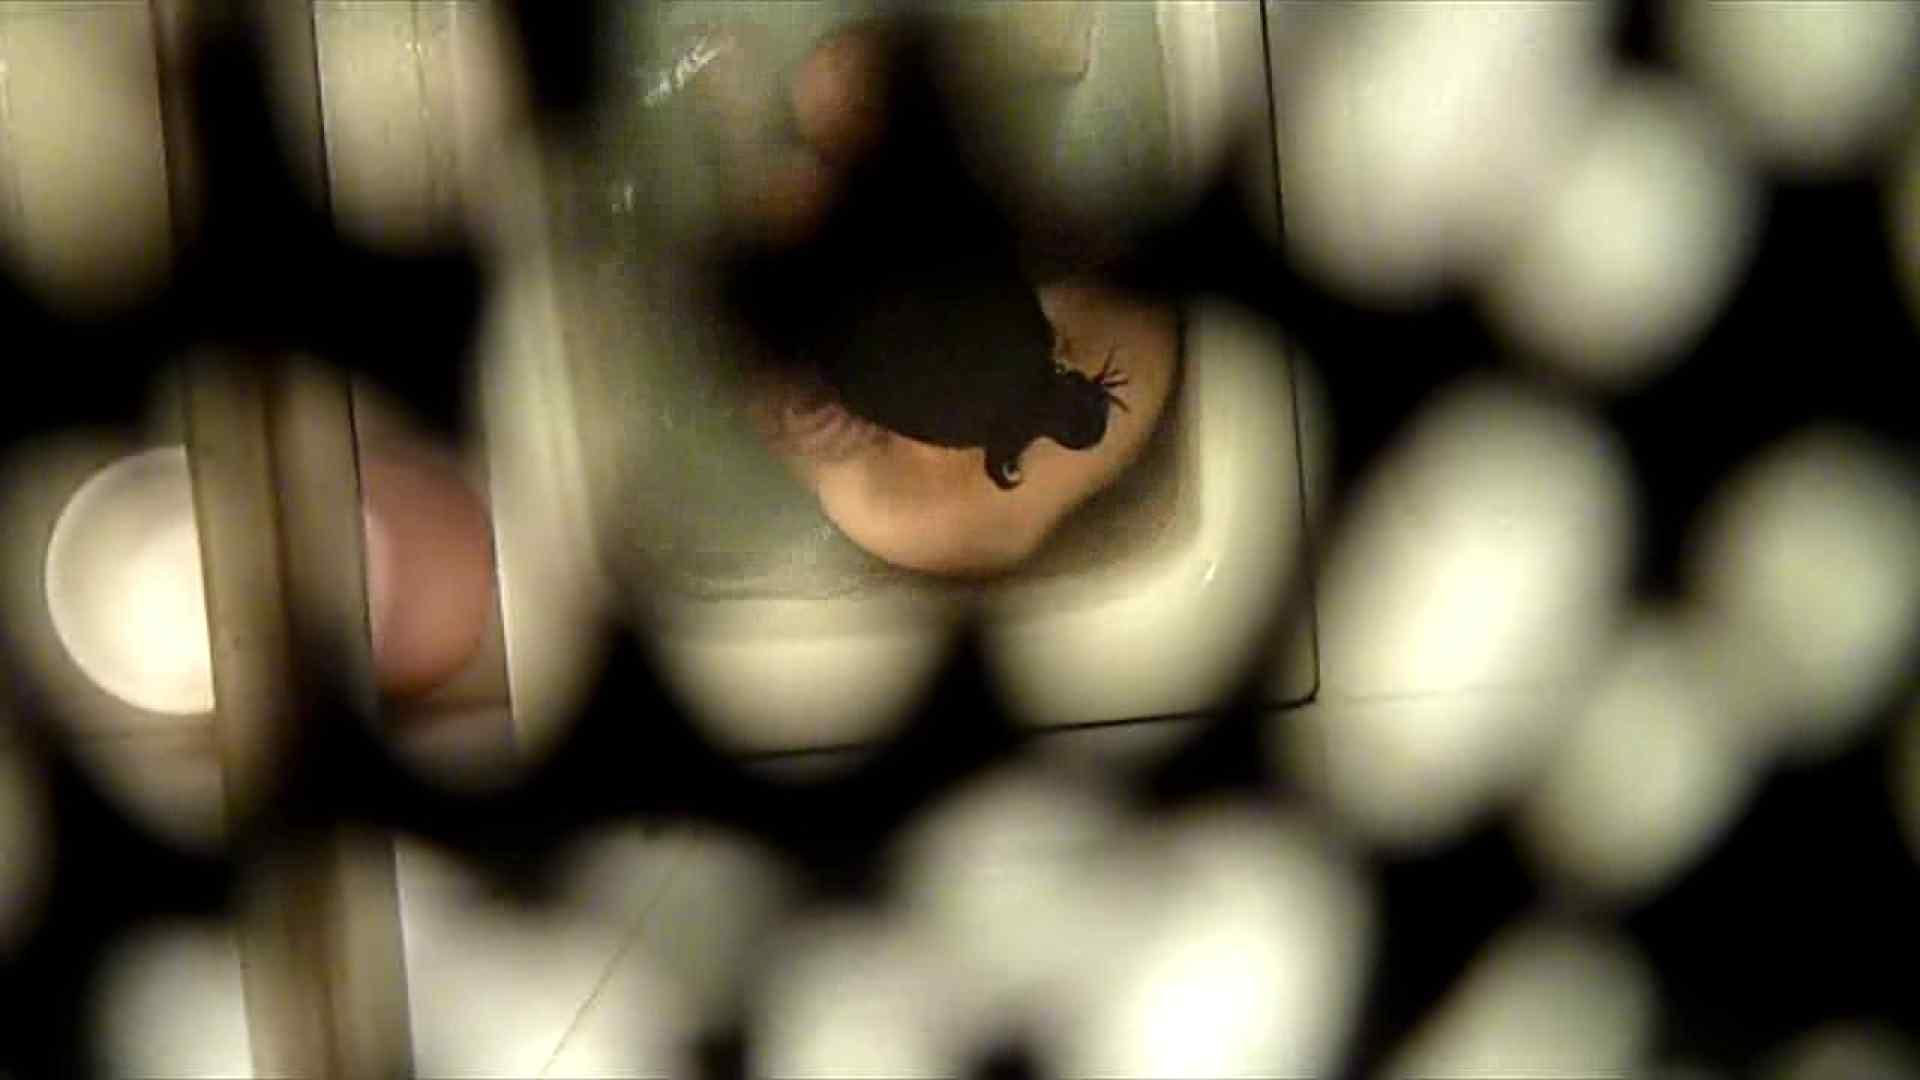 vol.1 Mayumi 窓越しに入浴シーン撮影に成功 入浴中の女性   OLのボディ  57PIX 9